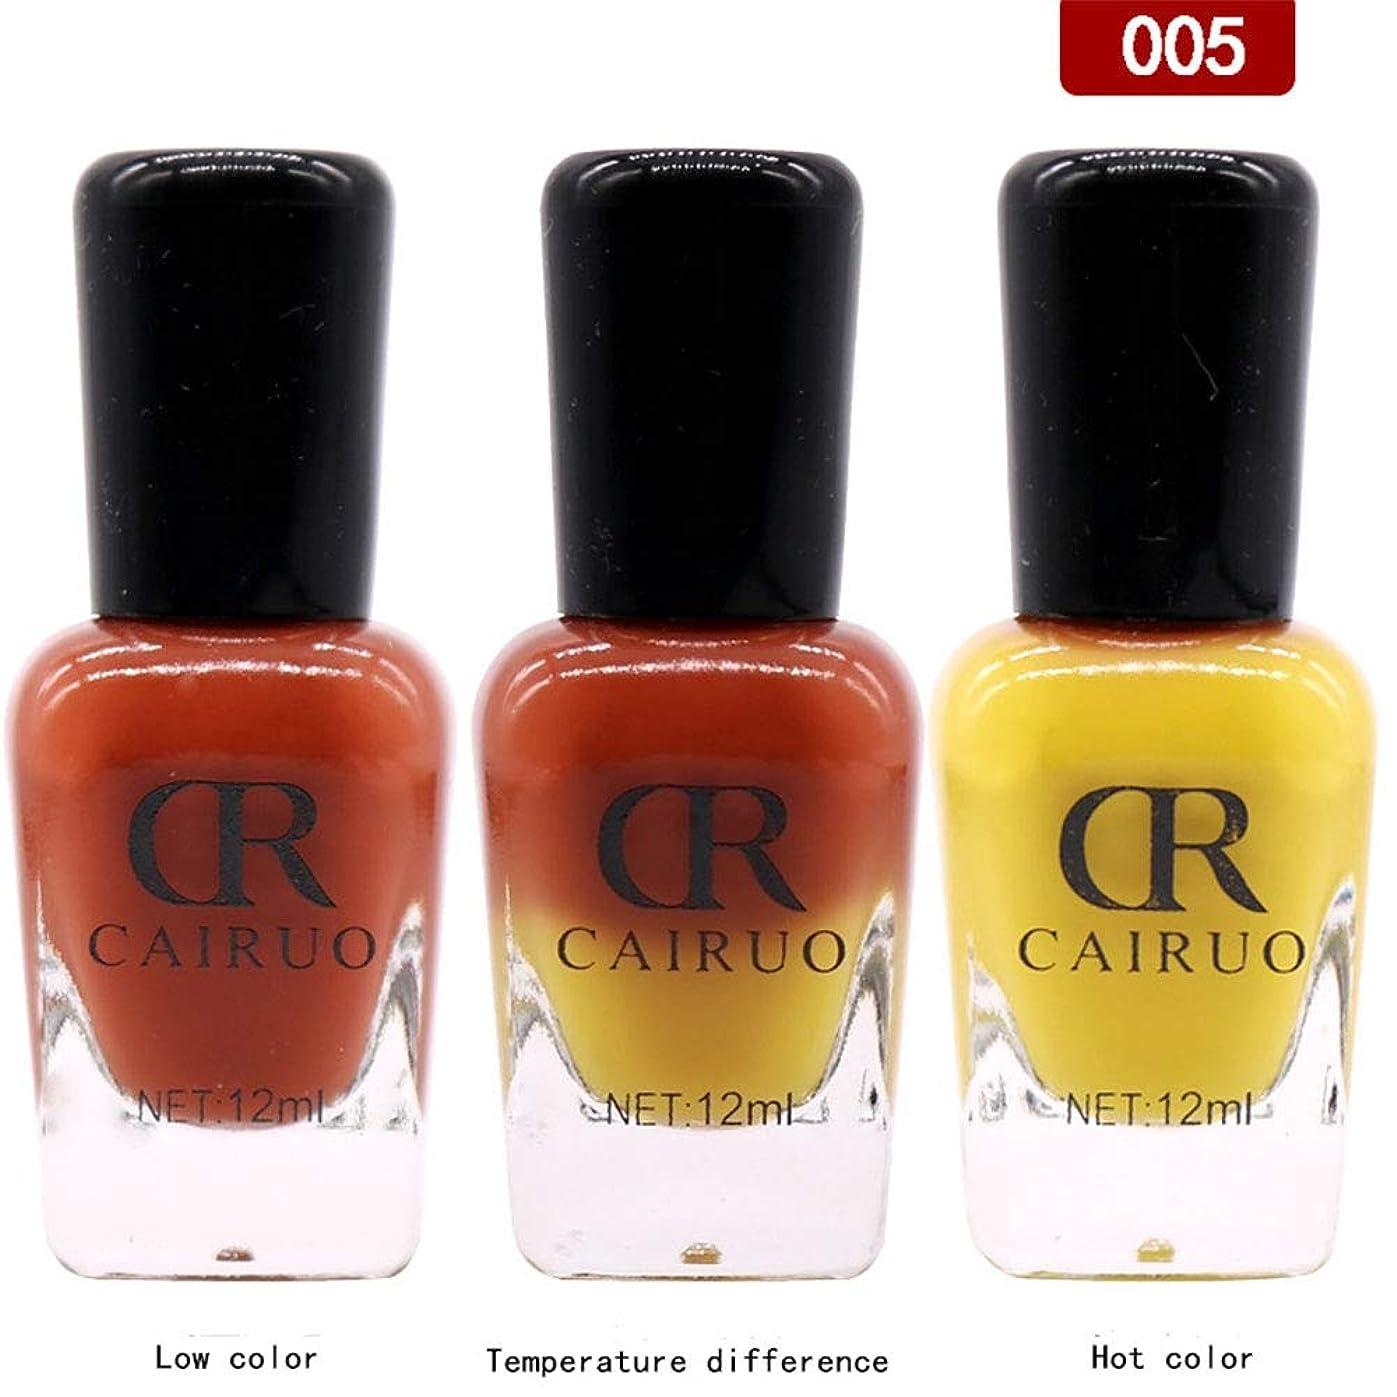 喜び要件満員カラージェル 温度により色が変化 カメレオンジェルネイル 剥離可能 ネイルアート 12ml/本 (005)